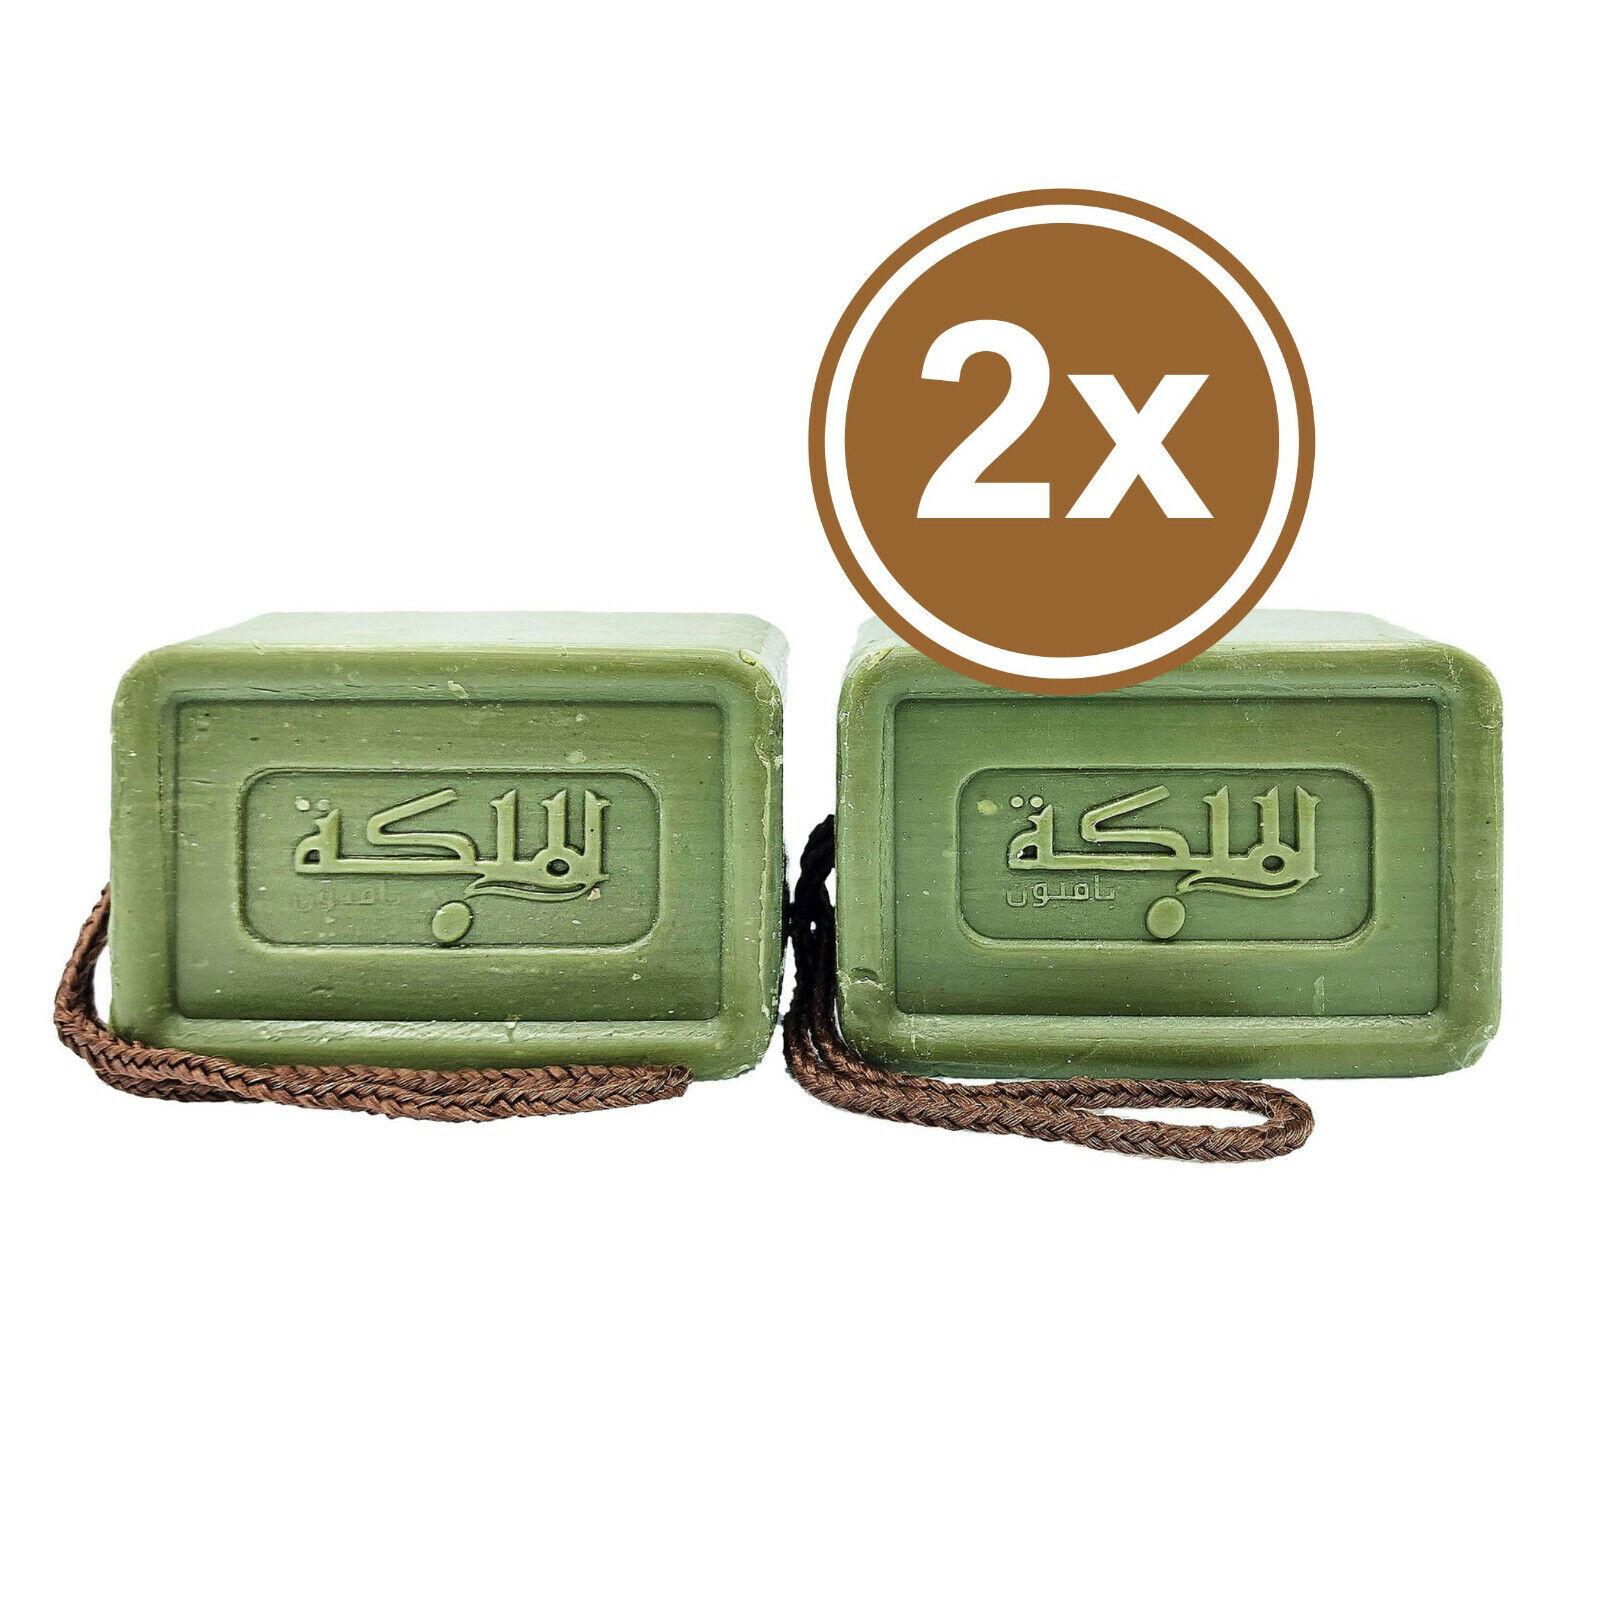 2 x Olivenöl Seife Aleppo Seife vegan natürlich mit frischem Duft 2 x 150 g